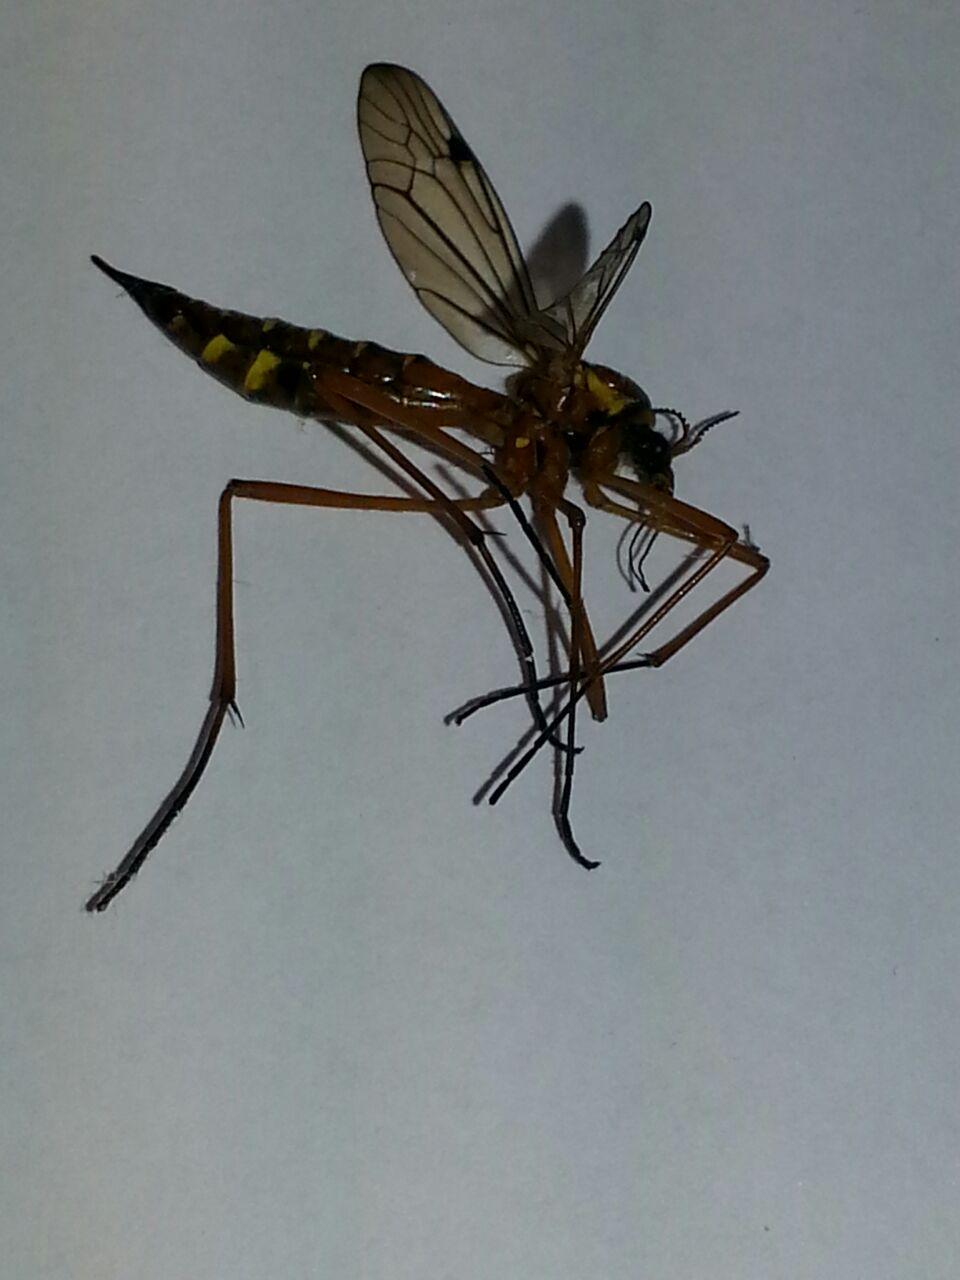 um was für eine art insekt handelt es sich auf dem foto